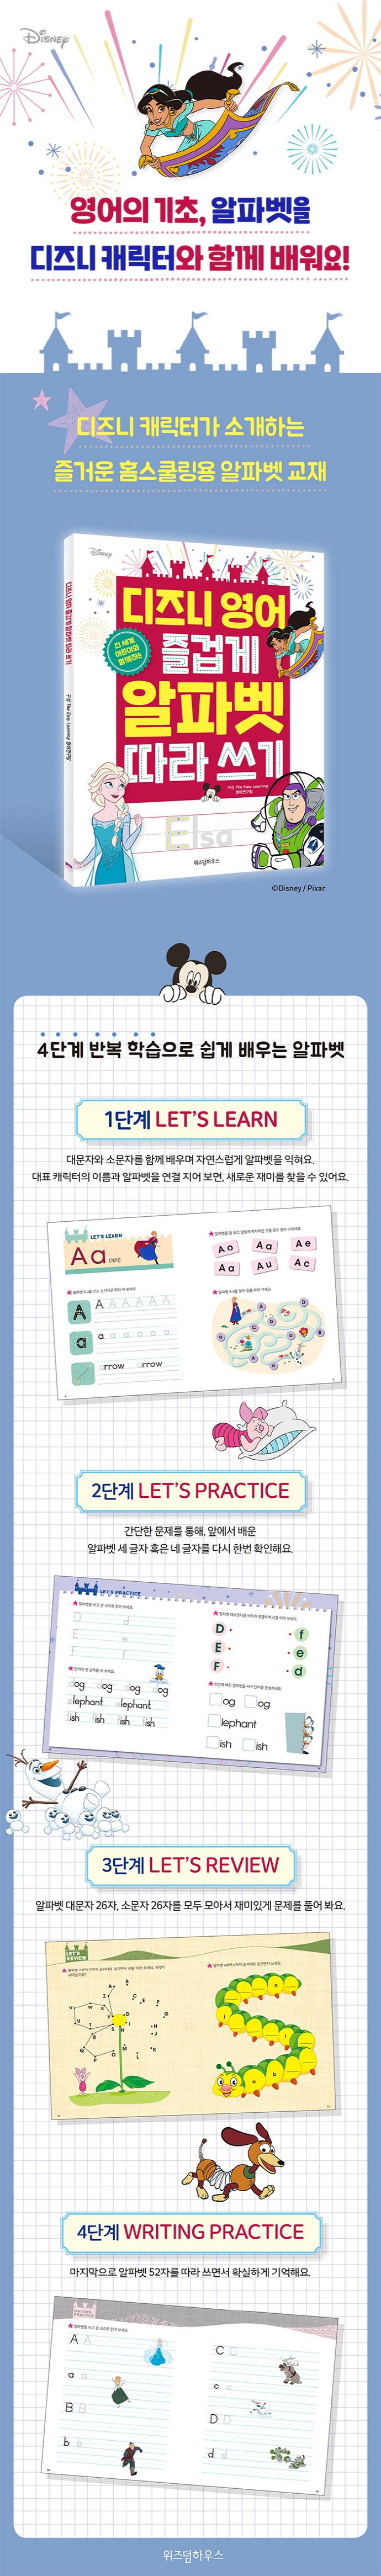 디즈니 영어 즐겁게 알파벳 따라 쓰기(전 세계 어린이와 함께하는) 도서 상세이미지